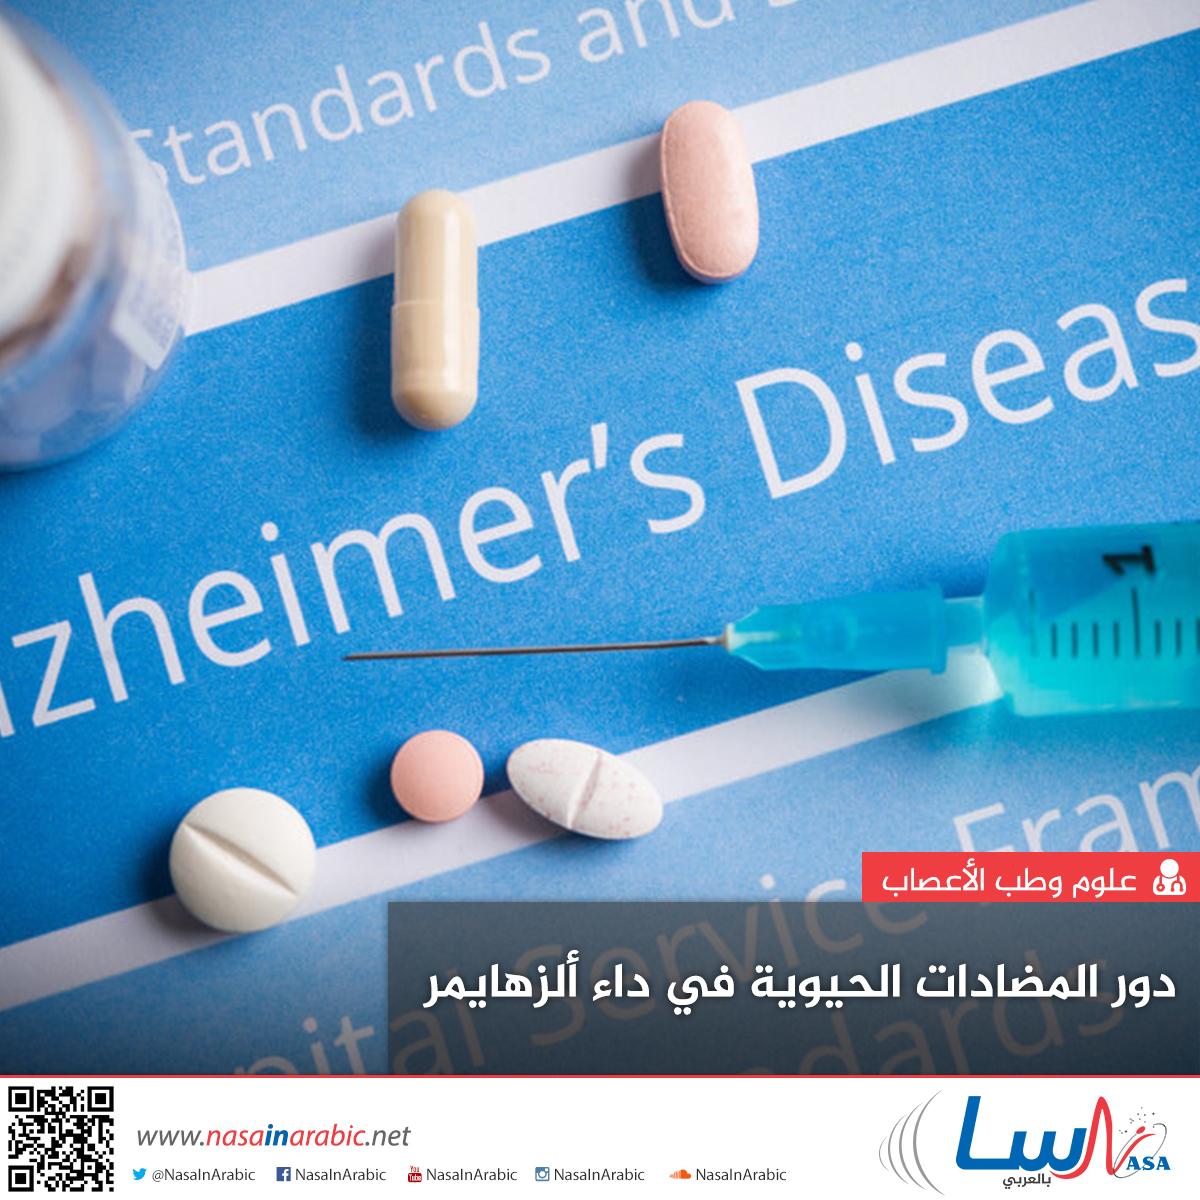 دور المضادات الحيوية في داء ألزهايمر